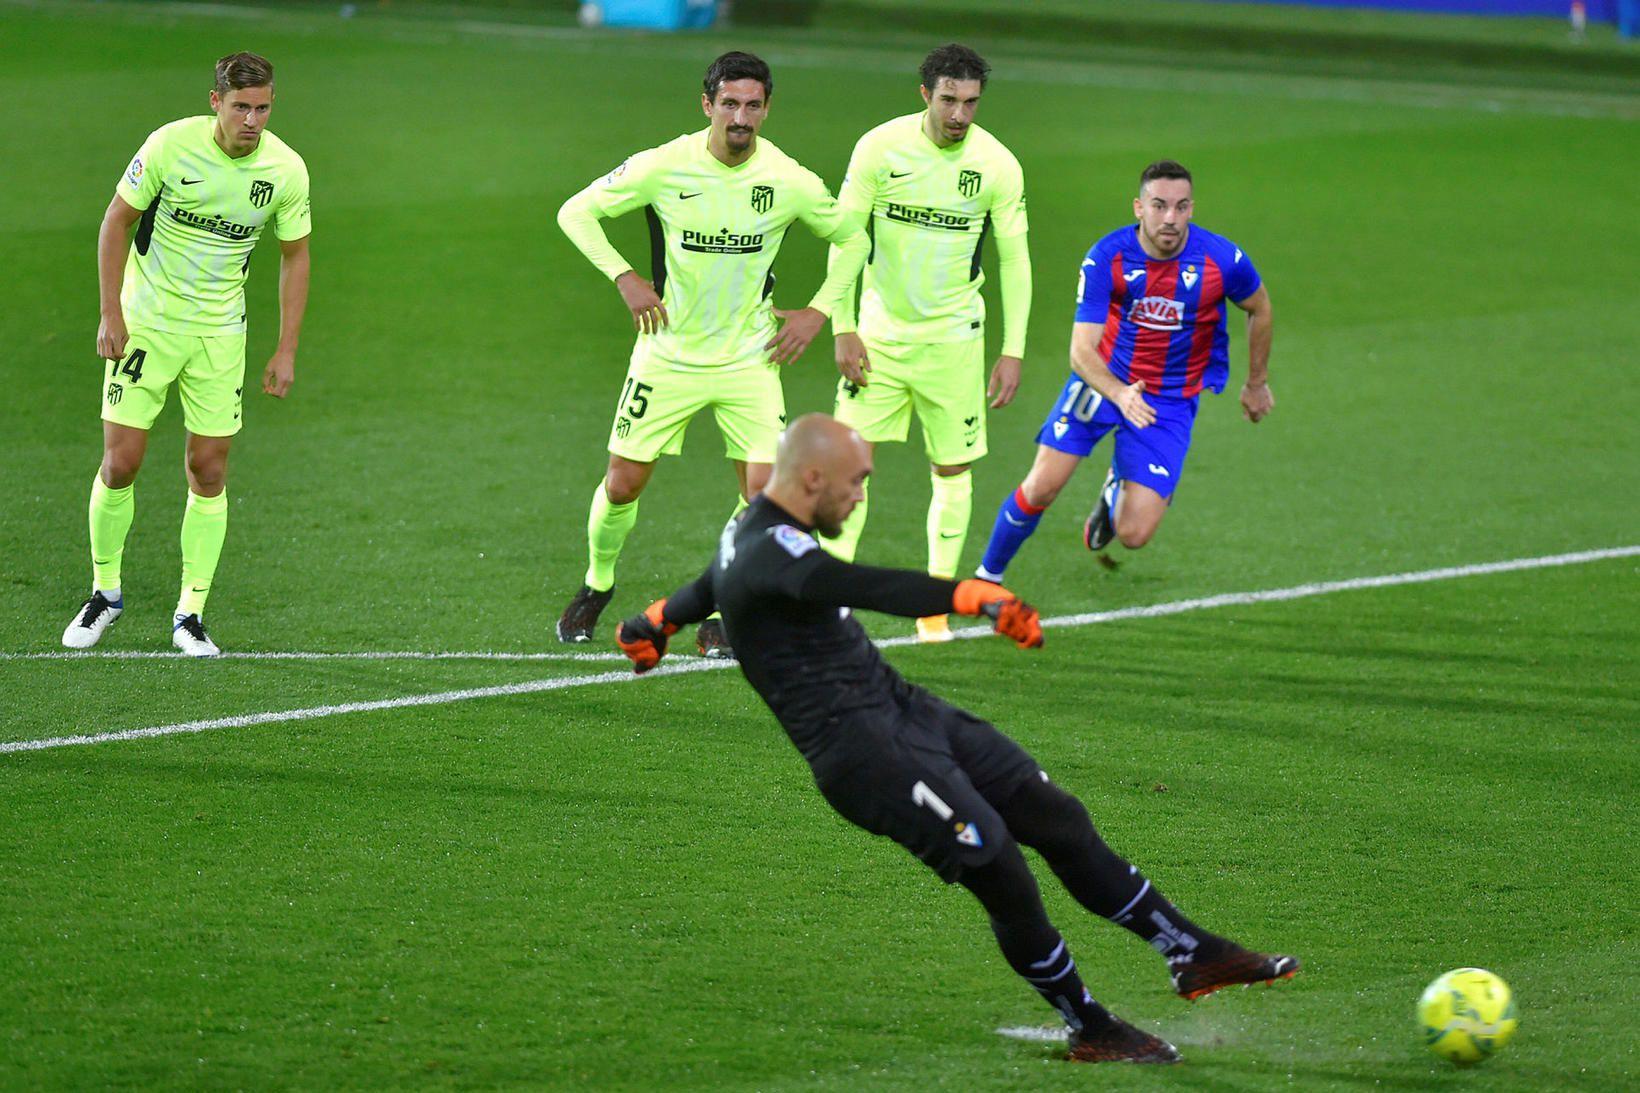 Marko Dmitrovic markvörður Eibar skorar úr vítaspyrnunni gegn Atlético í …